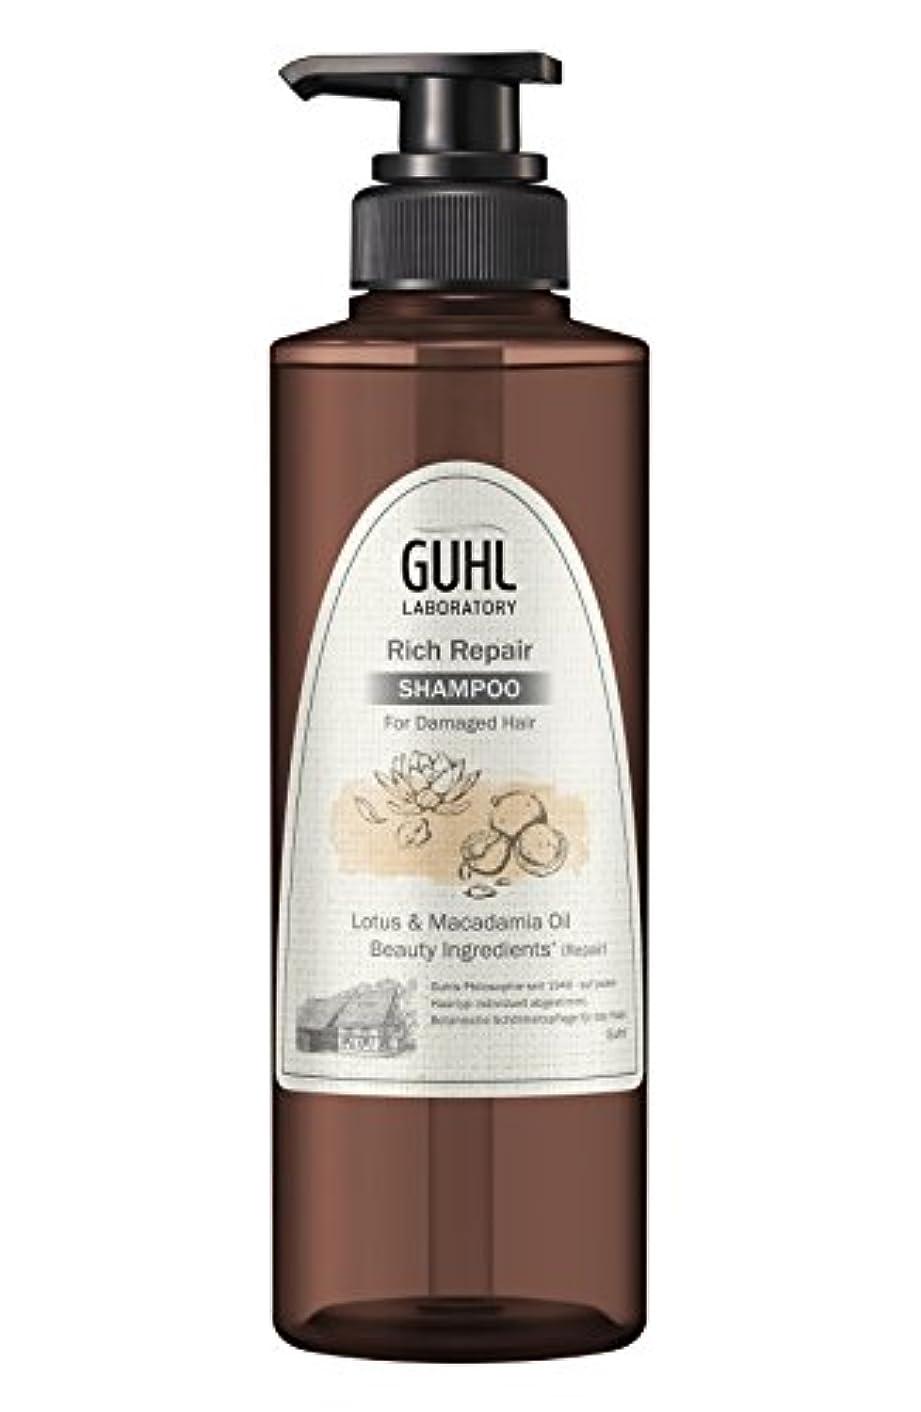 凍結むき出しオーナーグール ラボラトリー ノンシリコンシャンプー (ダメージのある髪へ) 植物美容 ヘアケア [ノンシリコン 処方] リッチリペア 430ml